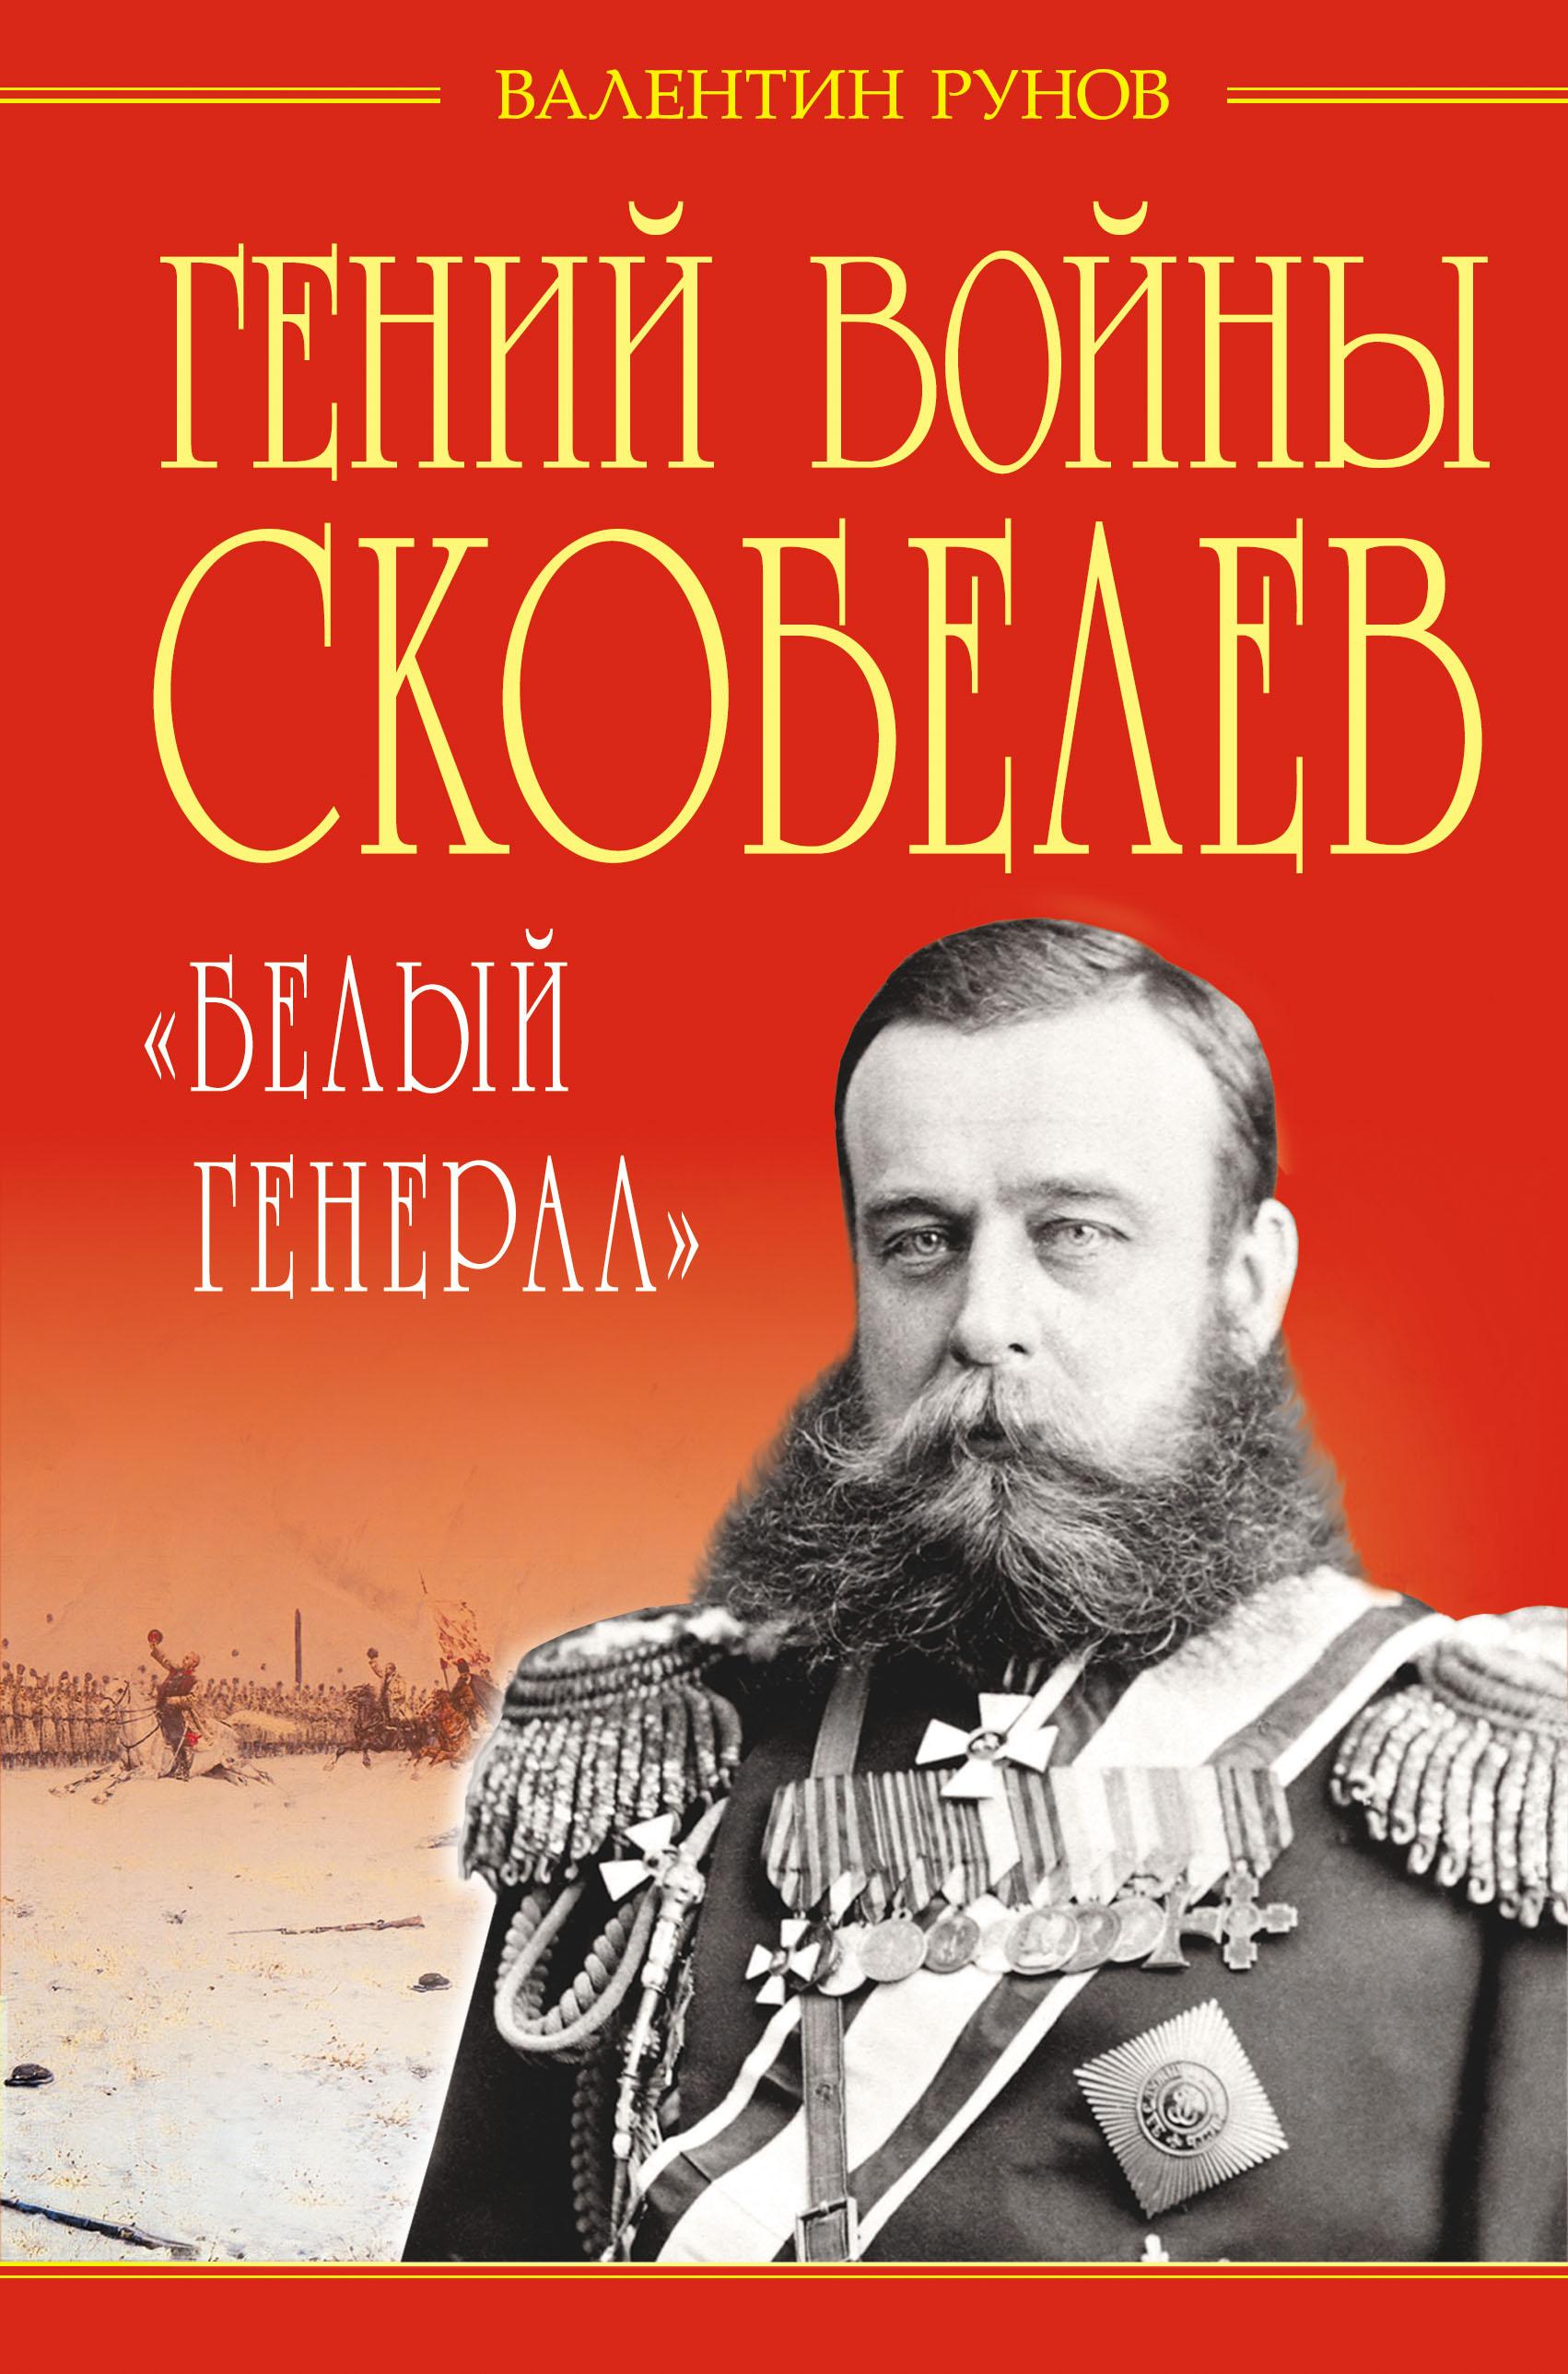 """Гений войны Скобелев. """"Белый генерал"""""""